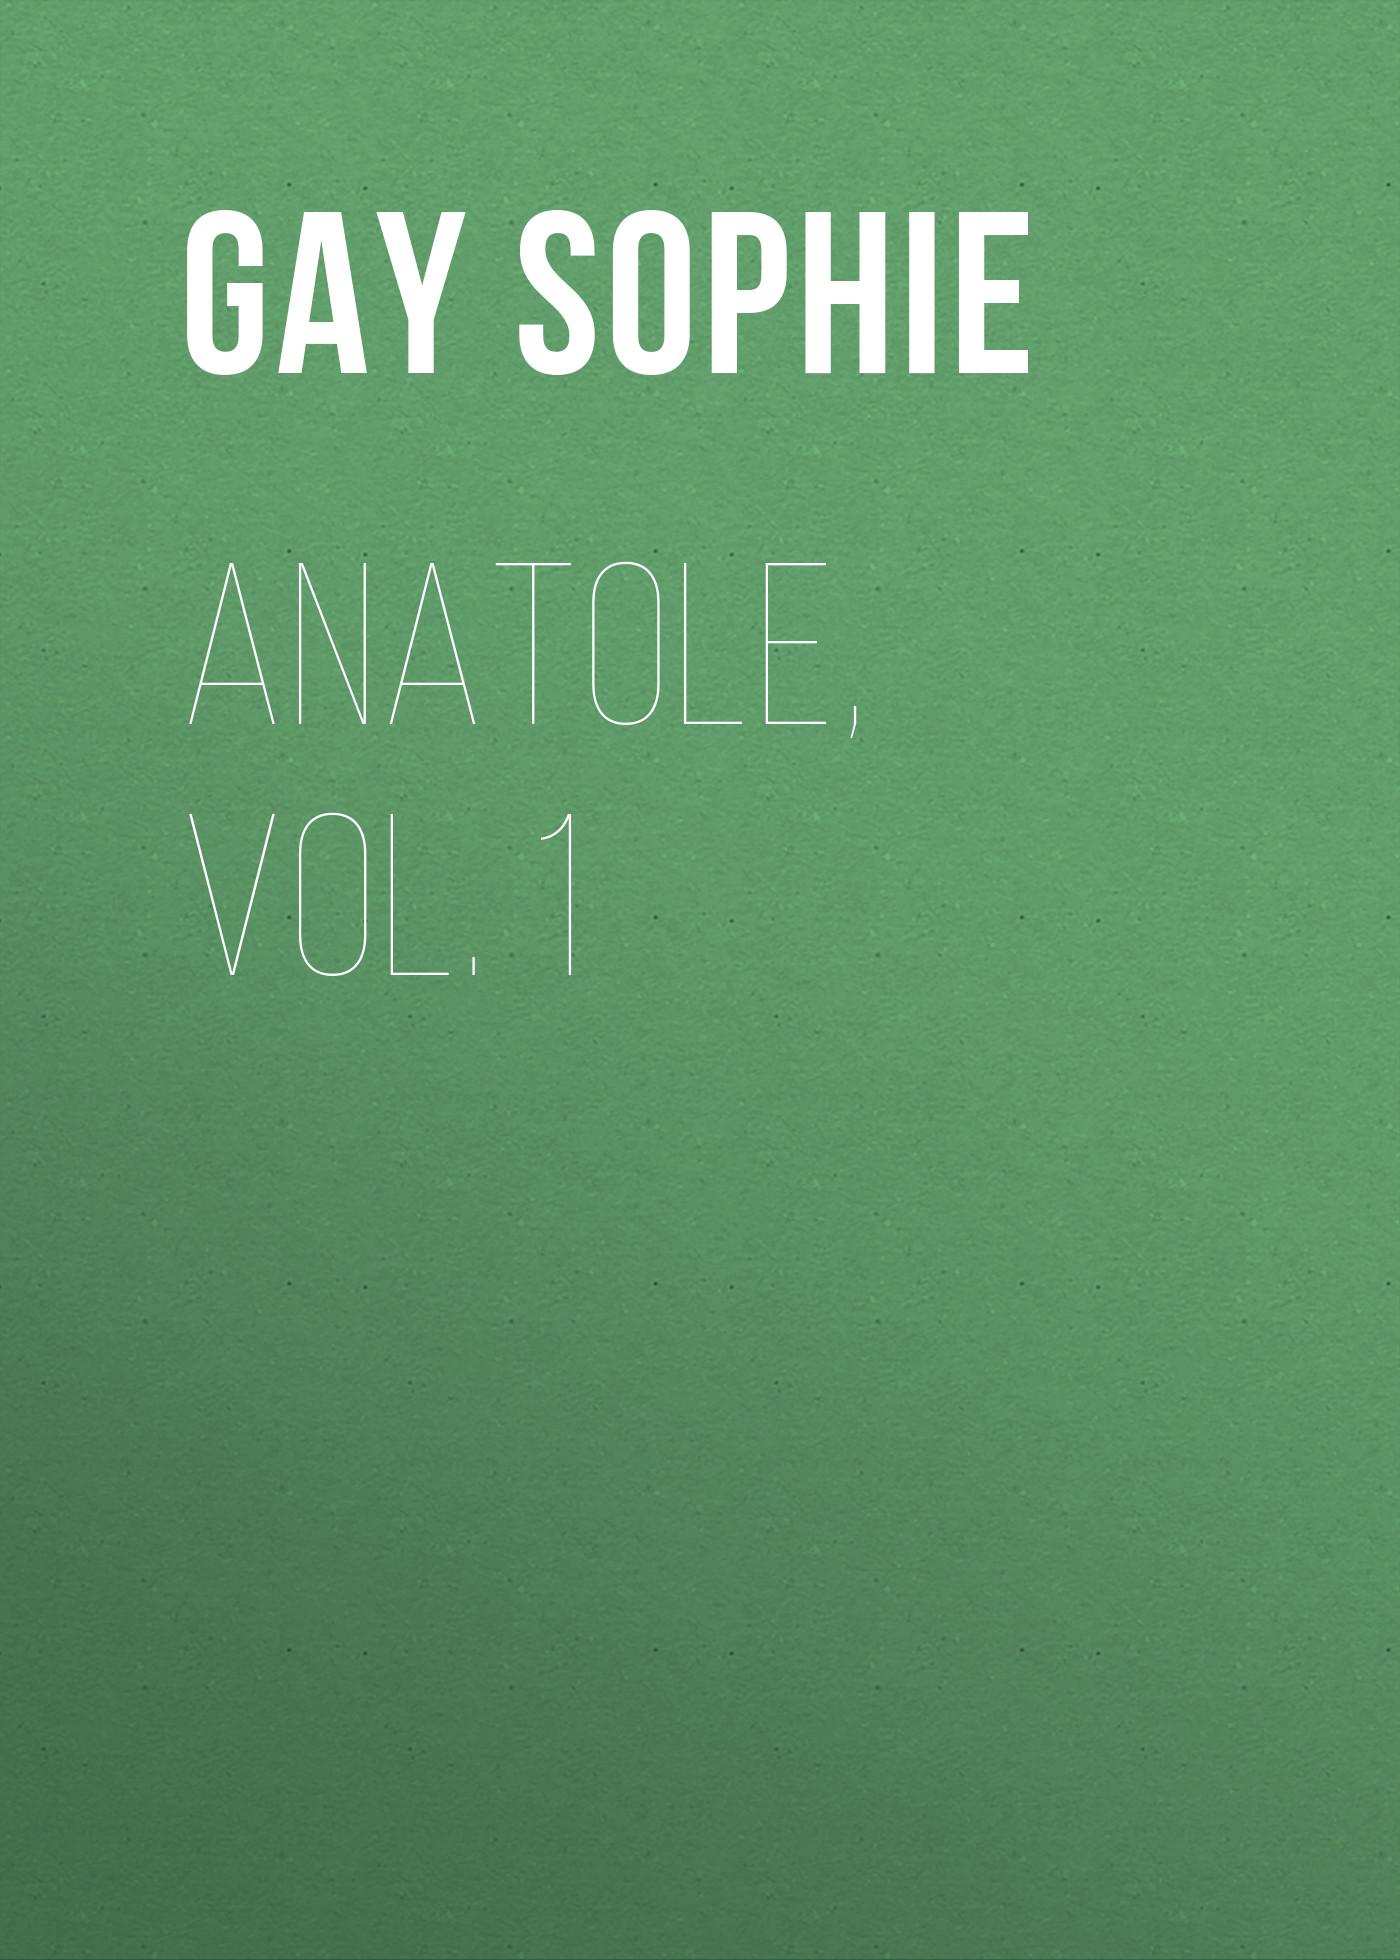 Gay Sophie Anatole, Vol. 1 gay happening vol 18